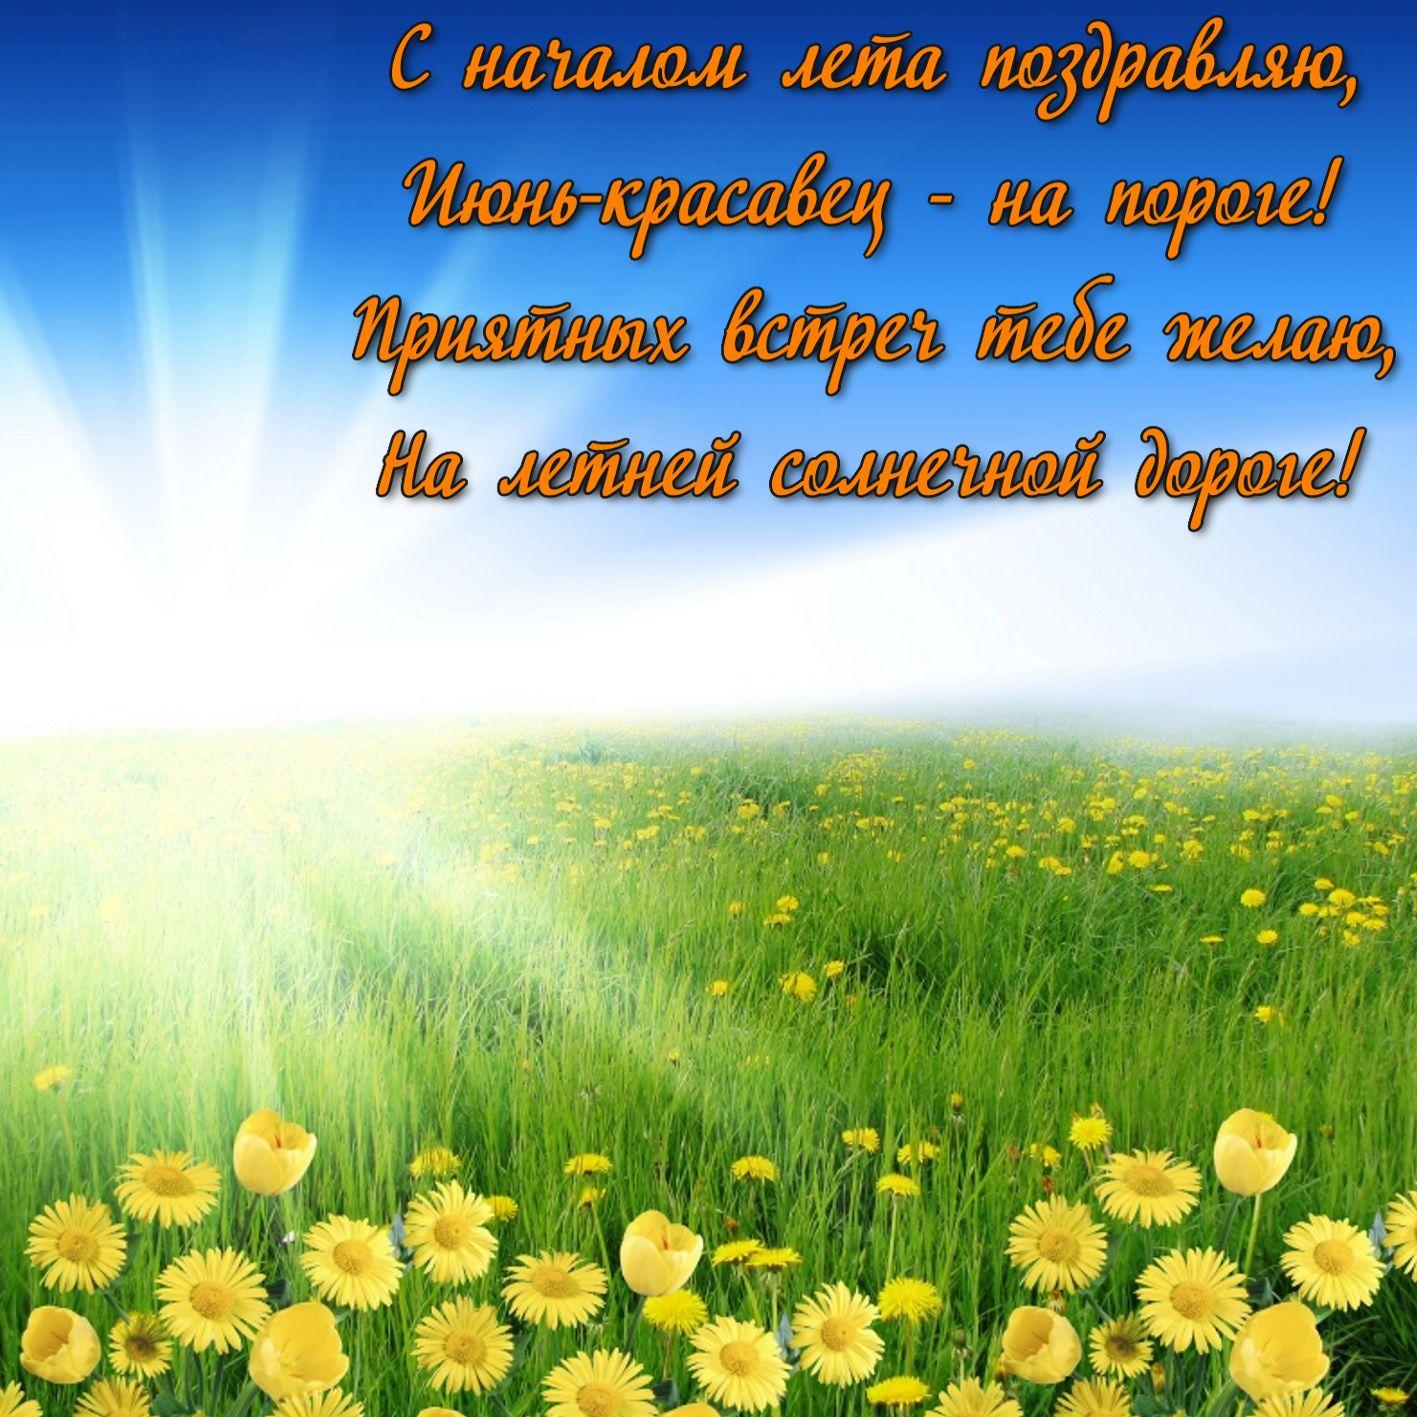 https://bonnycards.ru/images/leto/leto0010.jpg